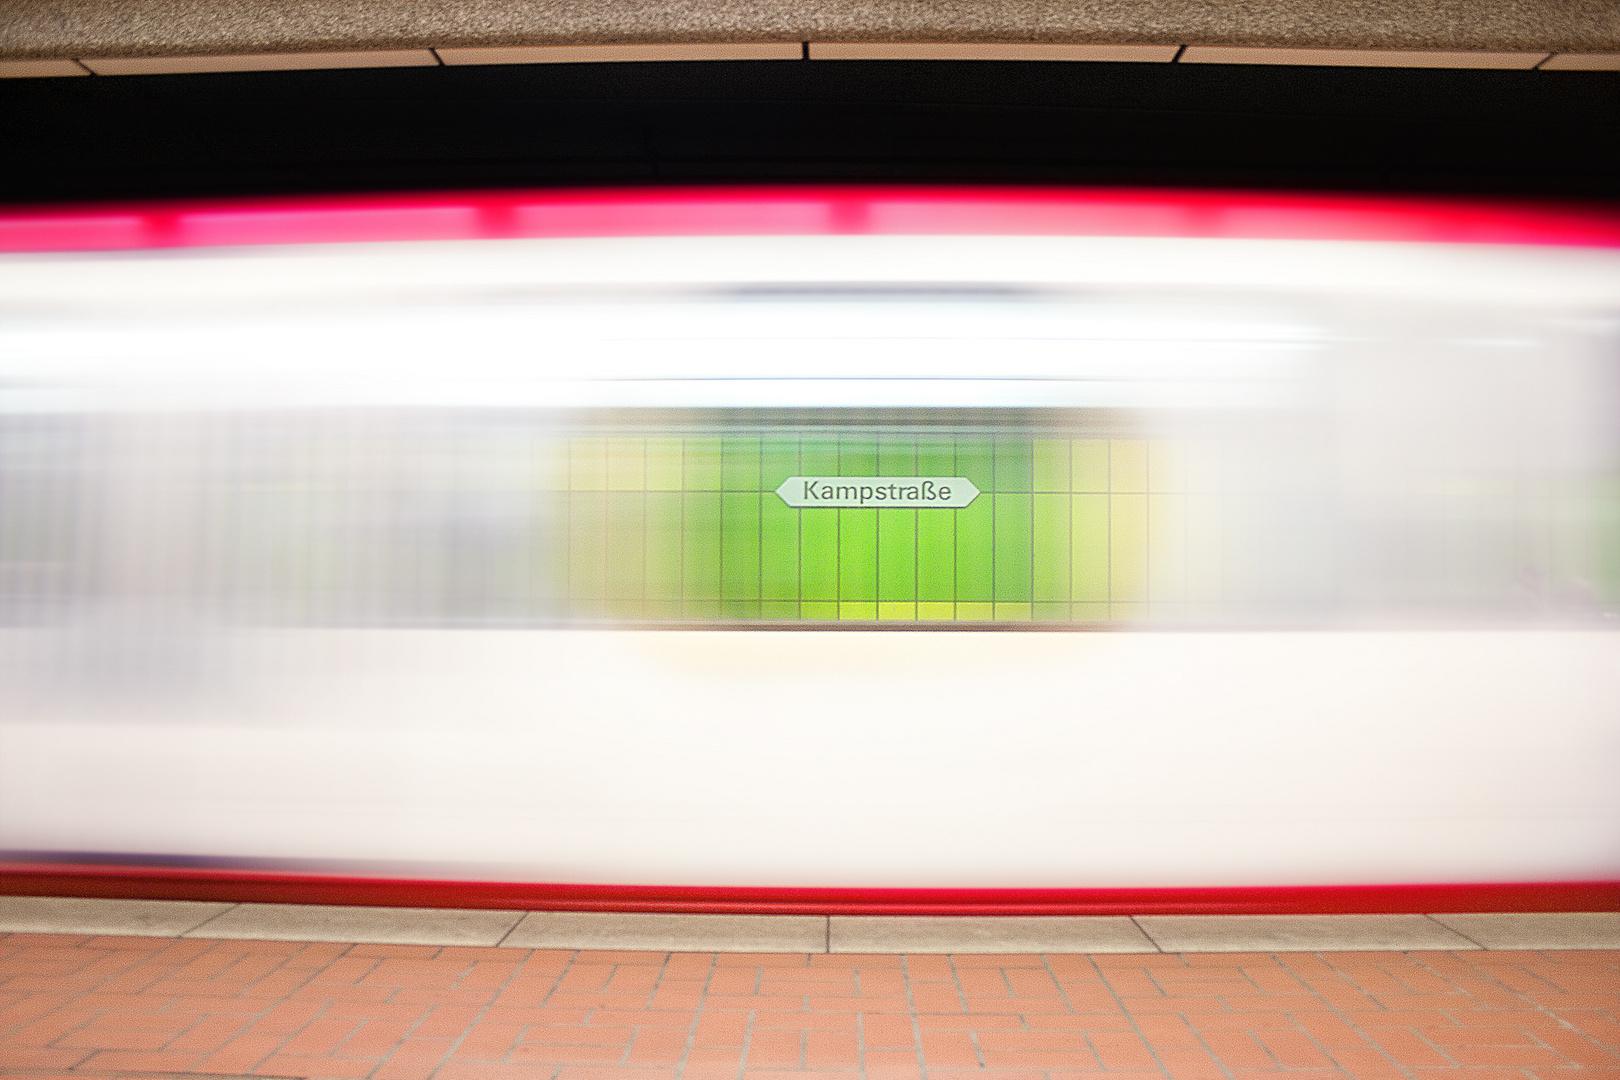 """U-Bahn """"Kampstraße"""" verpasst"""